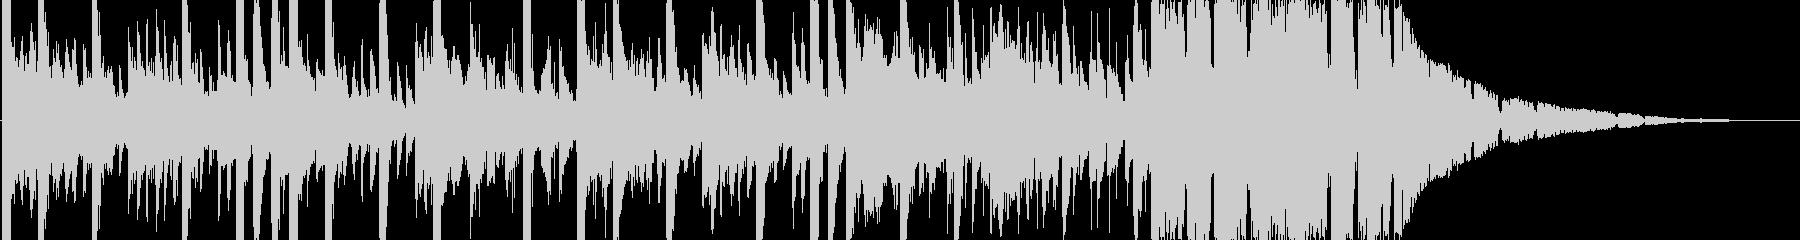 攻撃的なパワフルエレクトロニカBGMの未再生の波形